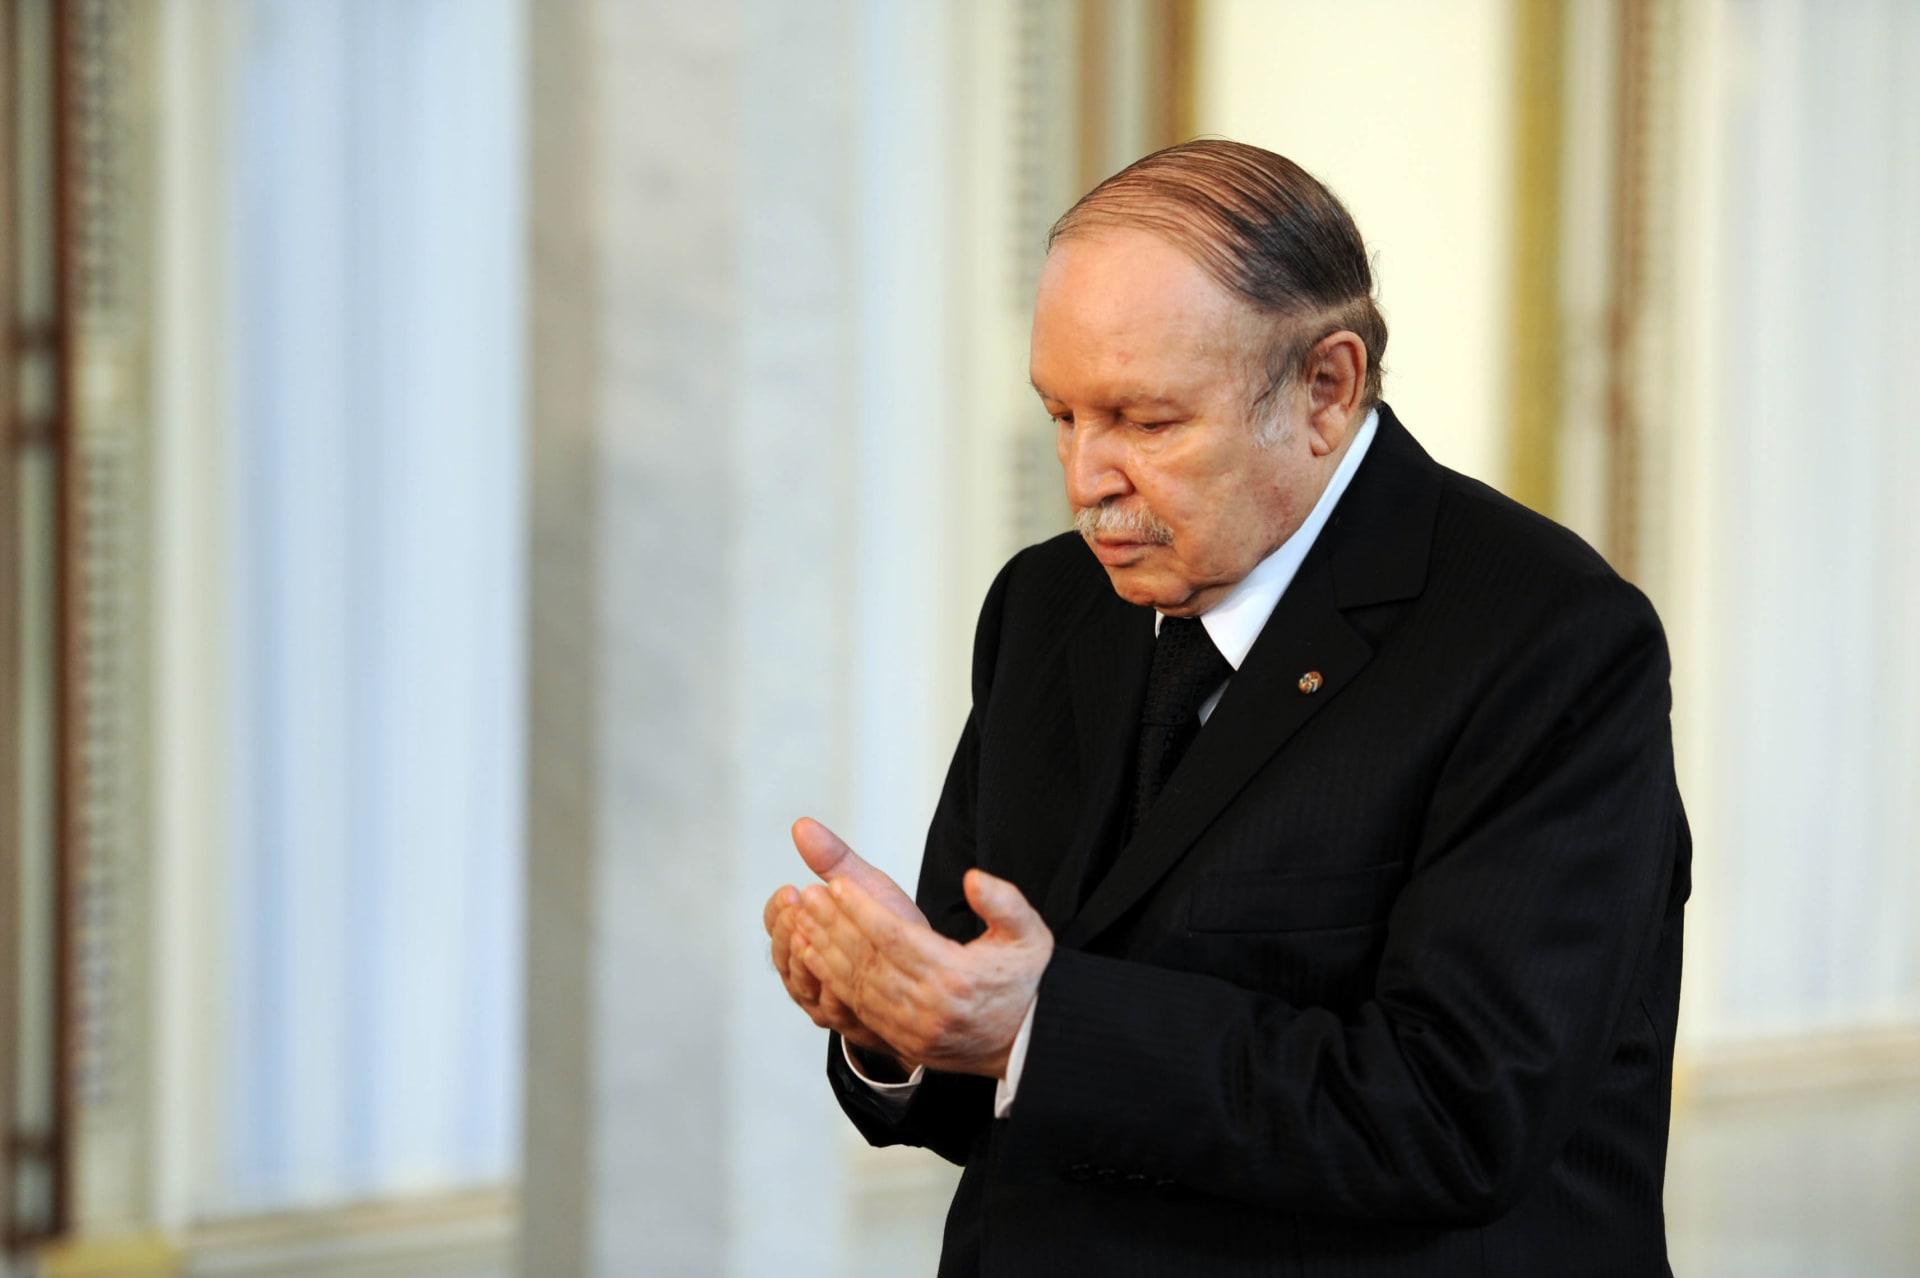 """بعد إعلان استقالته.. بوتفليقة يطلب """"المسامحة"""" من الجزائريين في رسالة الوداع"""